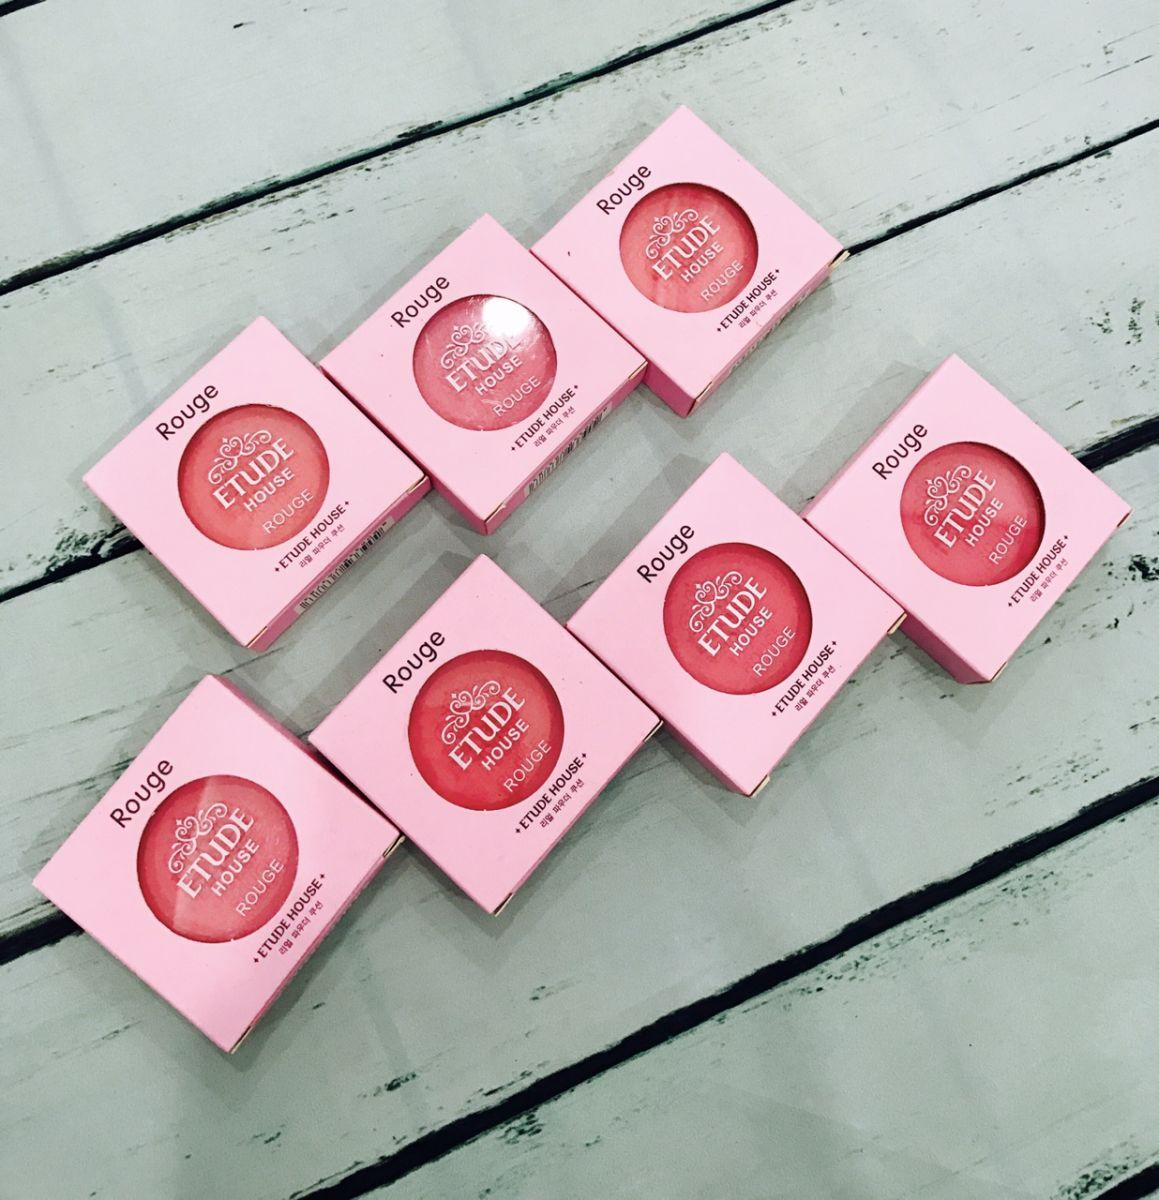 Phấn má hồng Etude House Rouge Thêm Điểm Nhấn Cho Gương Mặt 15g - Hồng tốt nhất